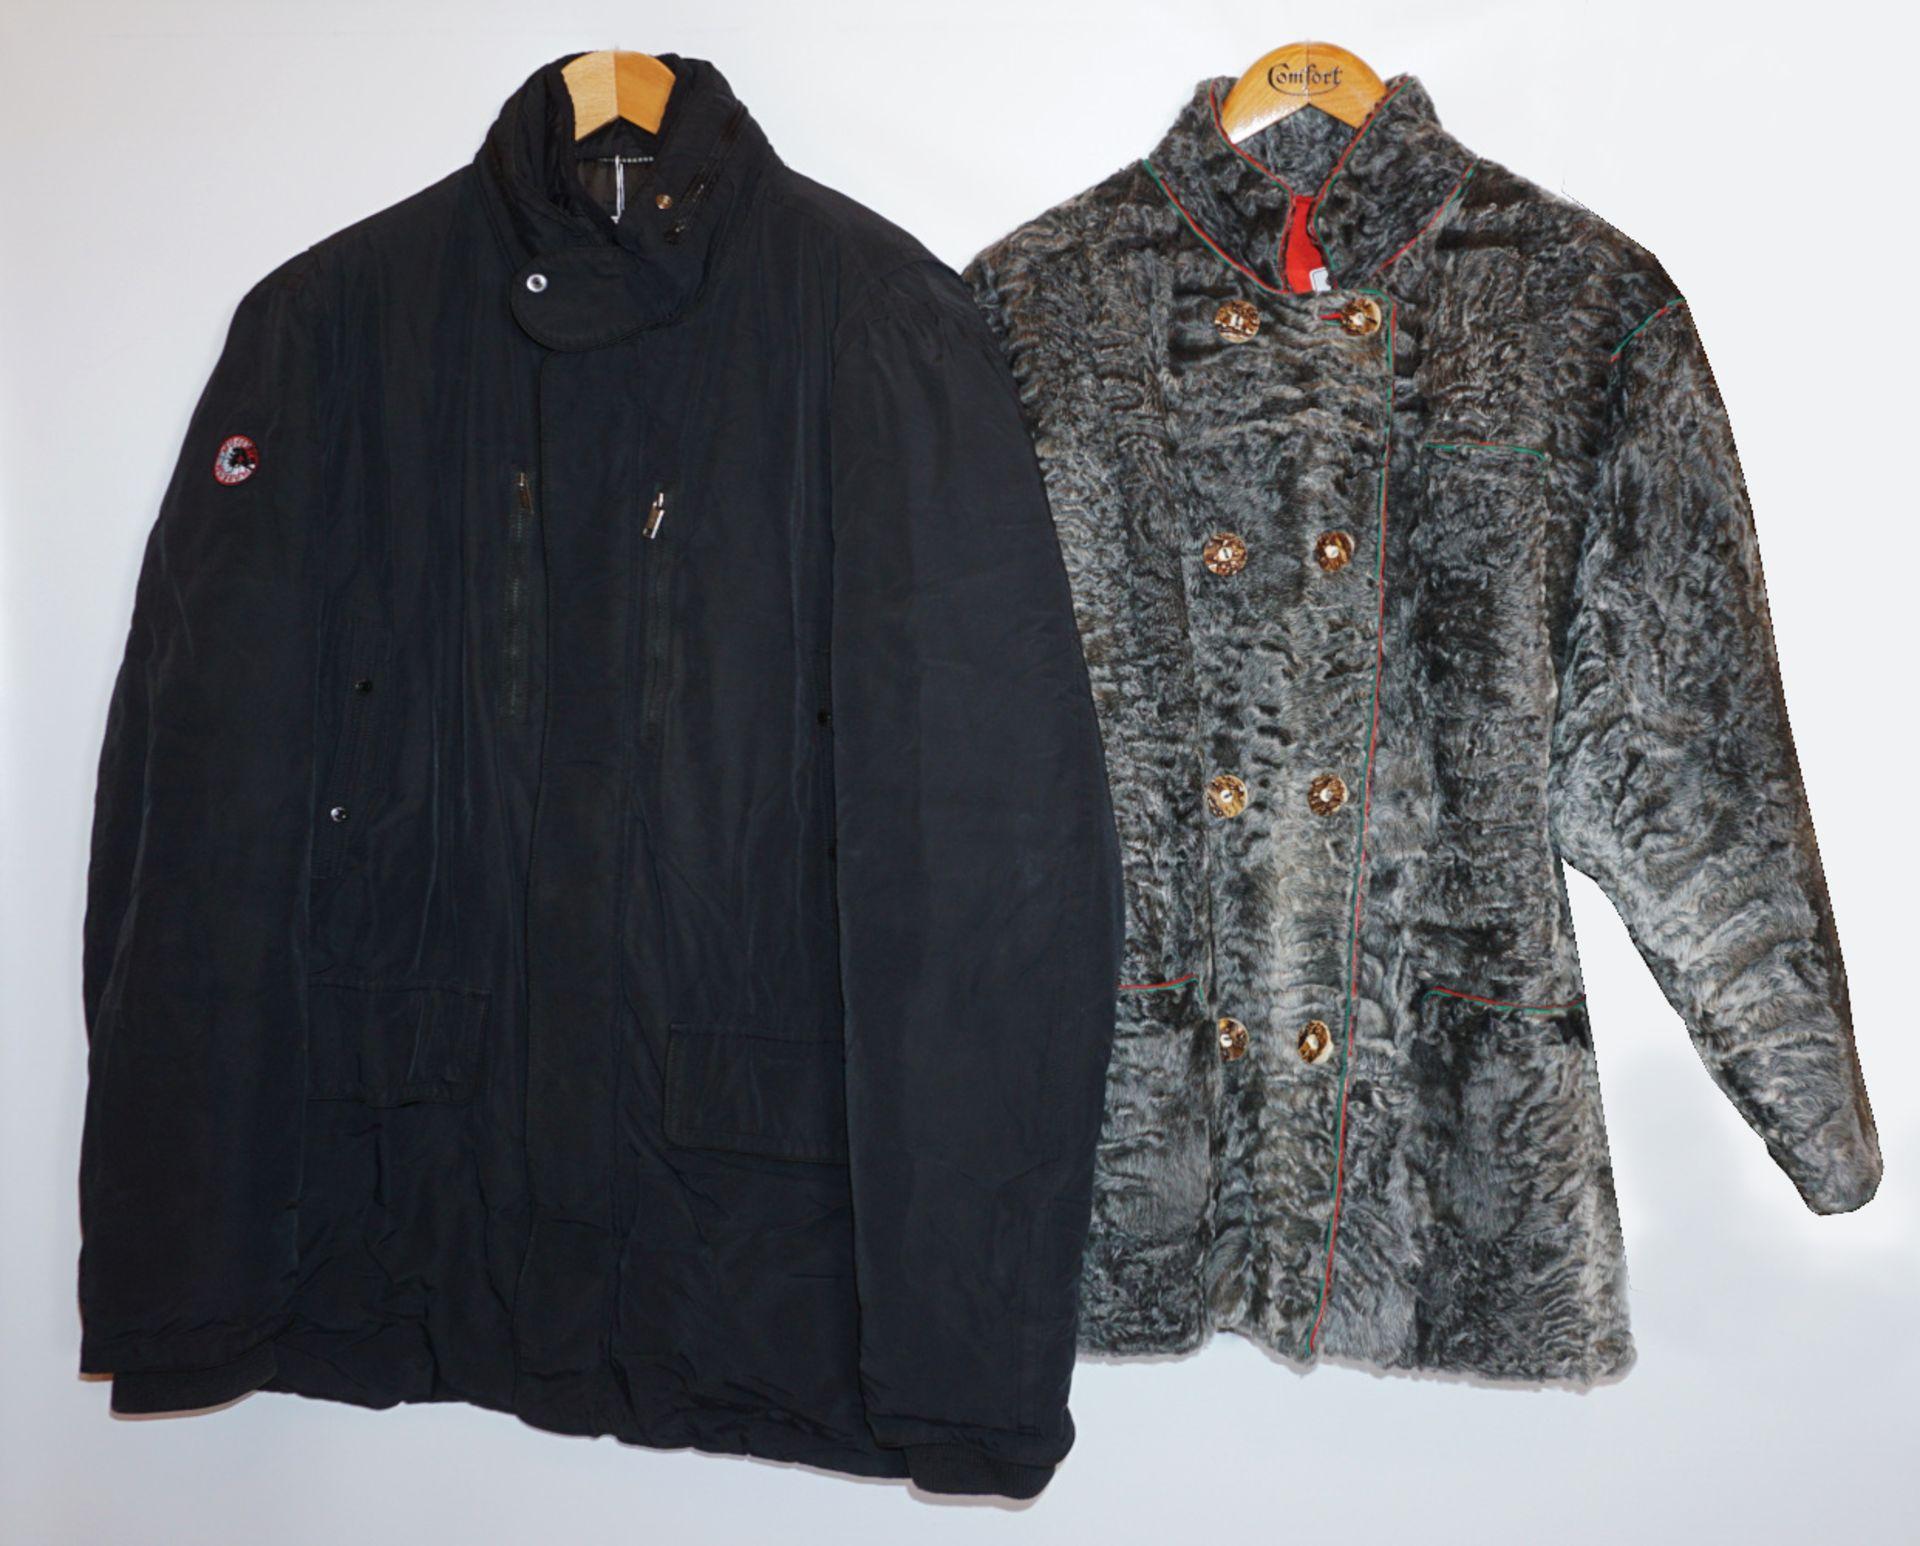 6 Jacken/Mäntel Pelz Textil u.a. Persianer, Lamm z.T. geschoren je Tsp.